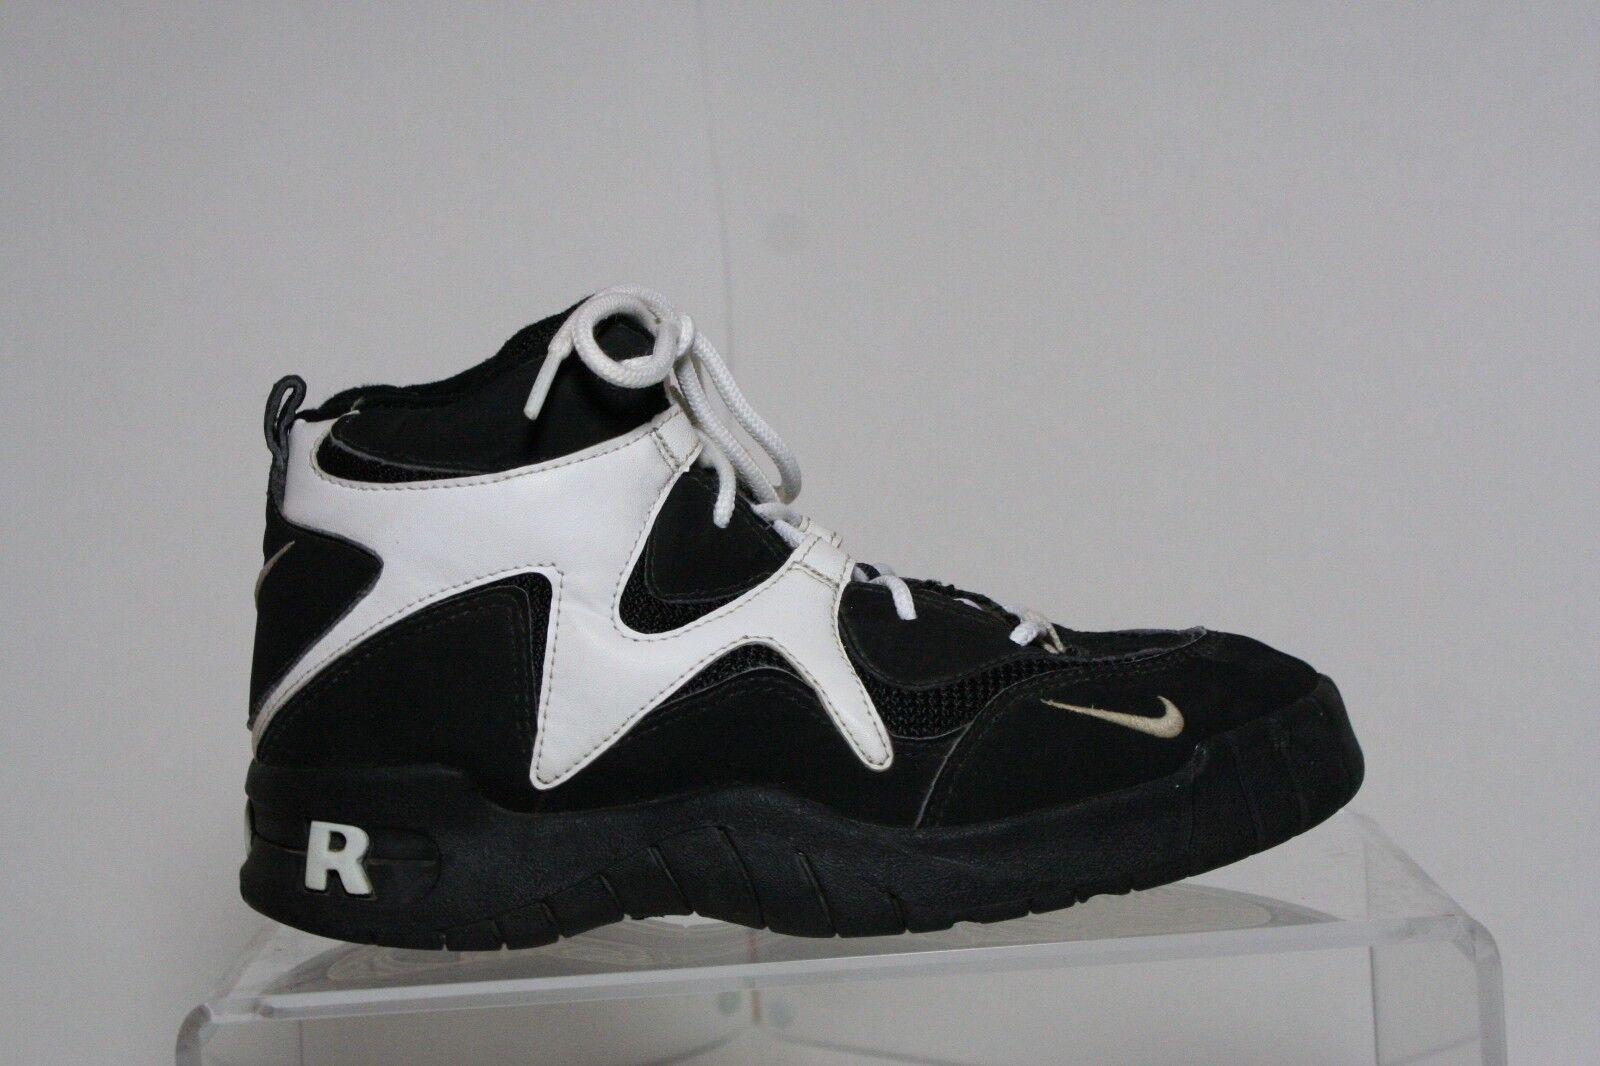 Nike Nike Nike Air Burn 1996 VTG OG Training Sneaker Multi Black White Women 9.5 Athletic 02a7f0